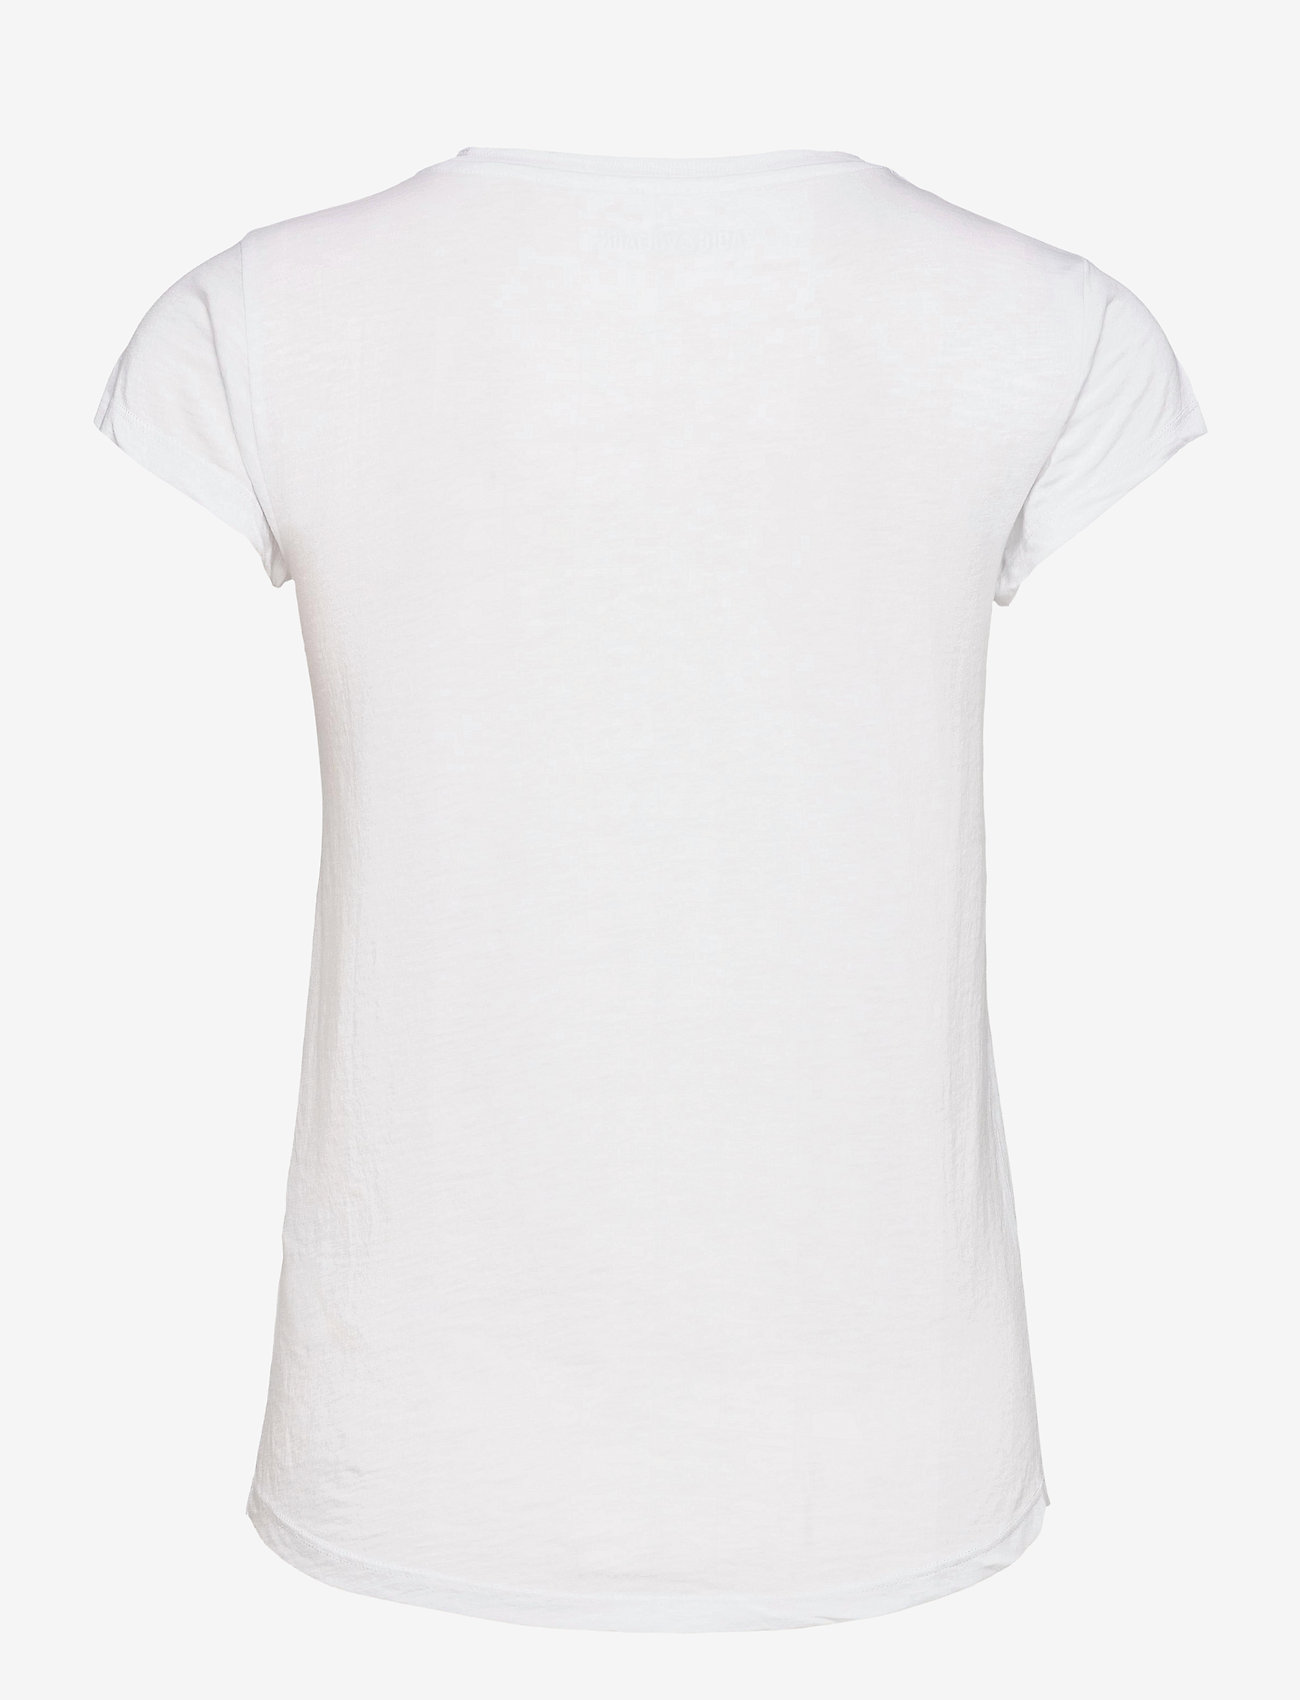 Zadig & Voltaire - SKINNY STRASS SKULL STARS CO/MODAL T-SHIRT - t-shirts - white - 2